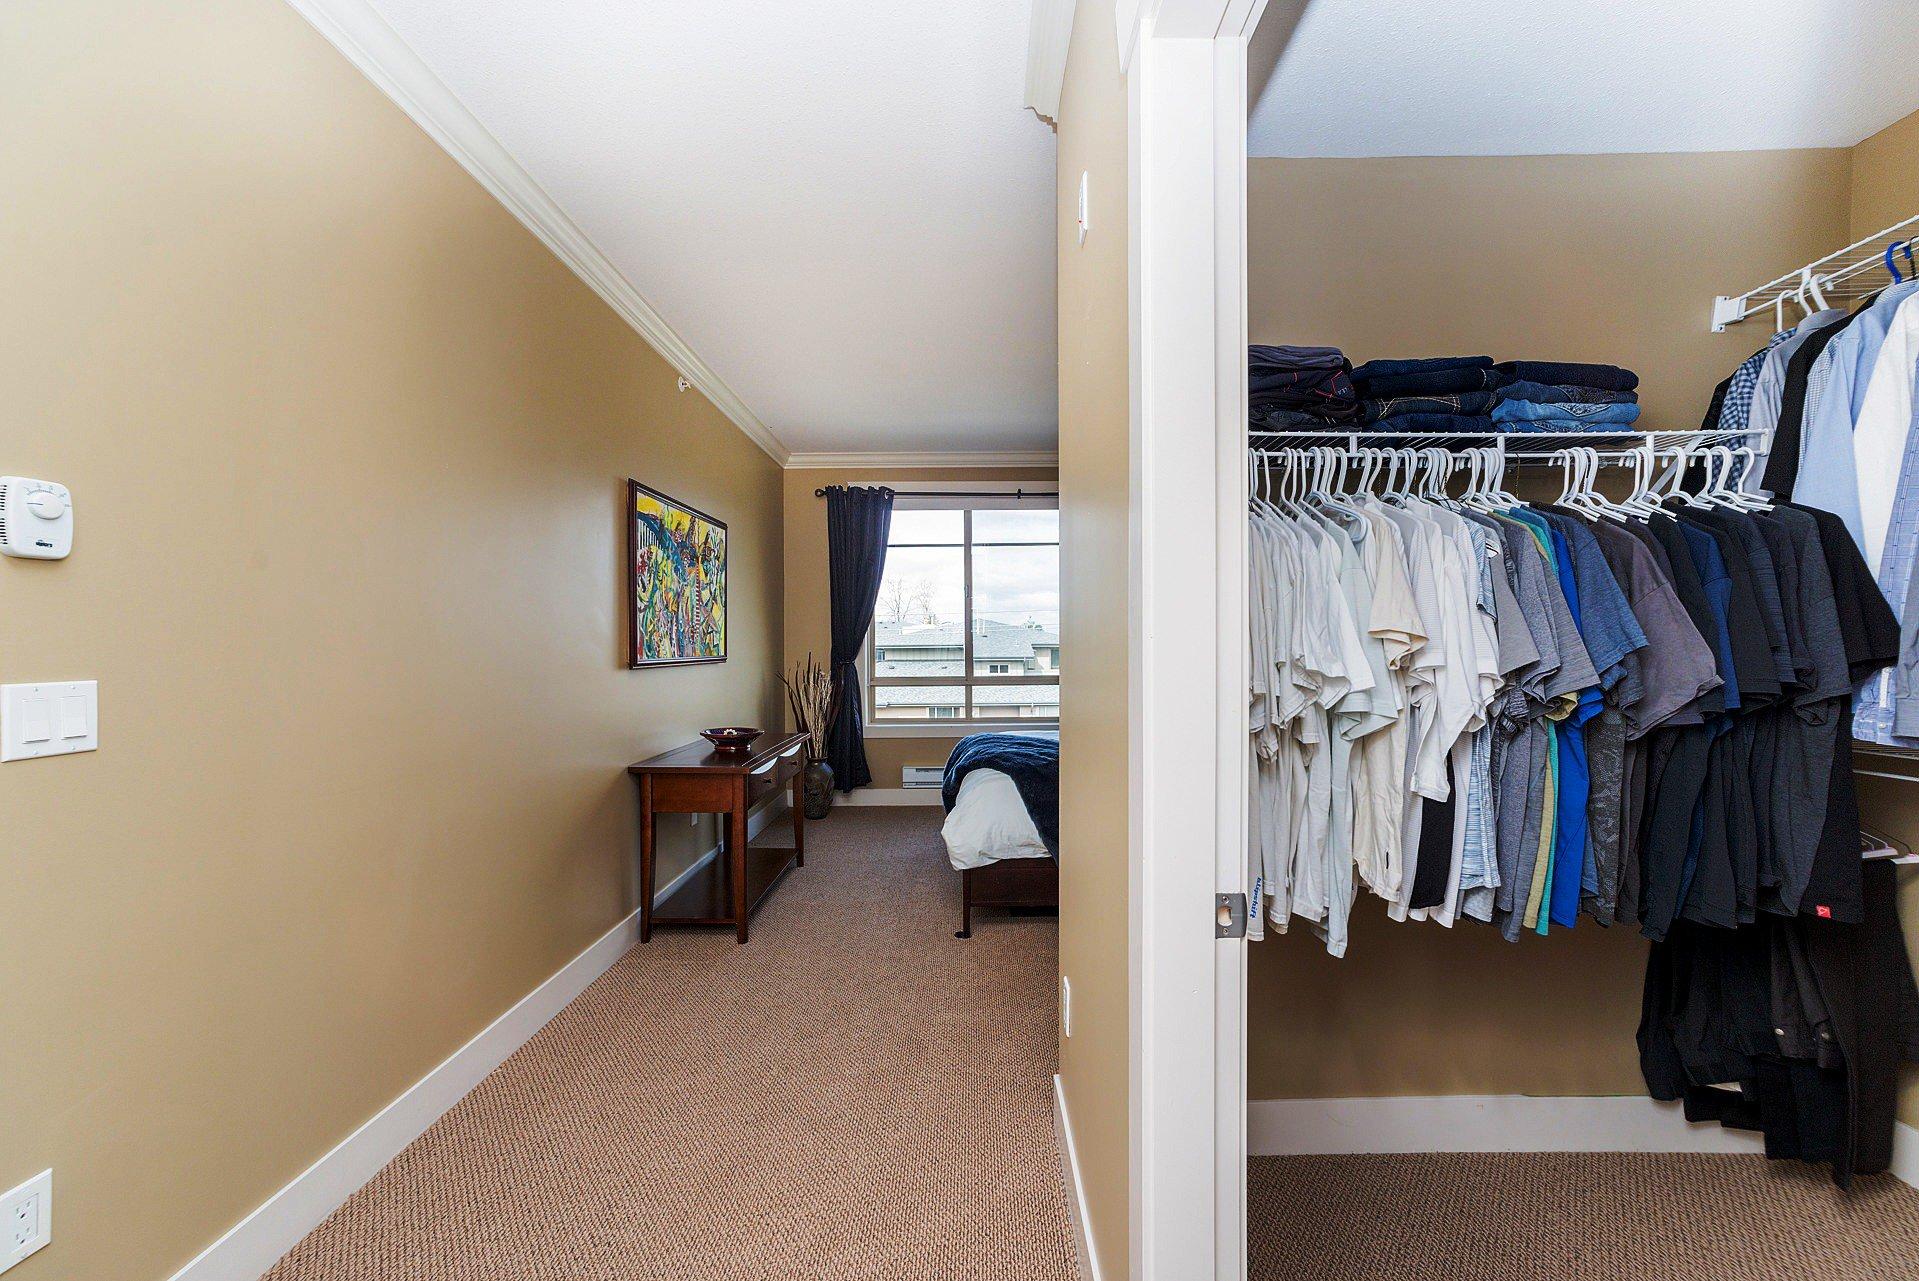 """Photo 16: Photos: 408 15368 17A Avenue in Surrey: King George Corridor Condo for sale in """"OCEAN WYNDE"""" (South Surrey White Rock)  : MLS®# R2249492"""